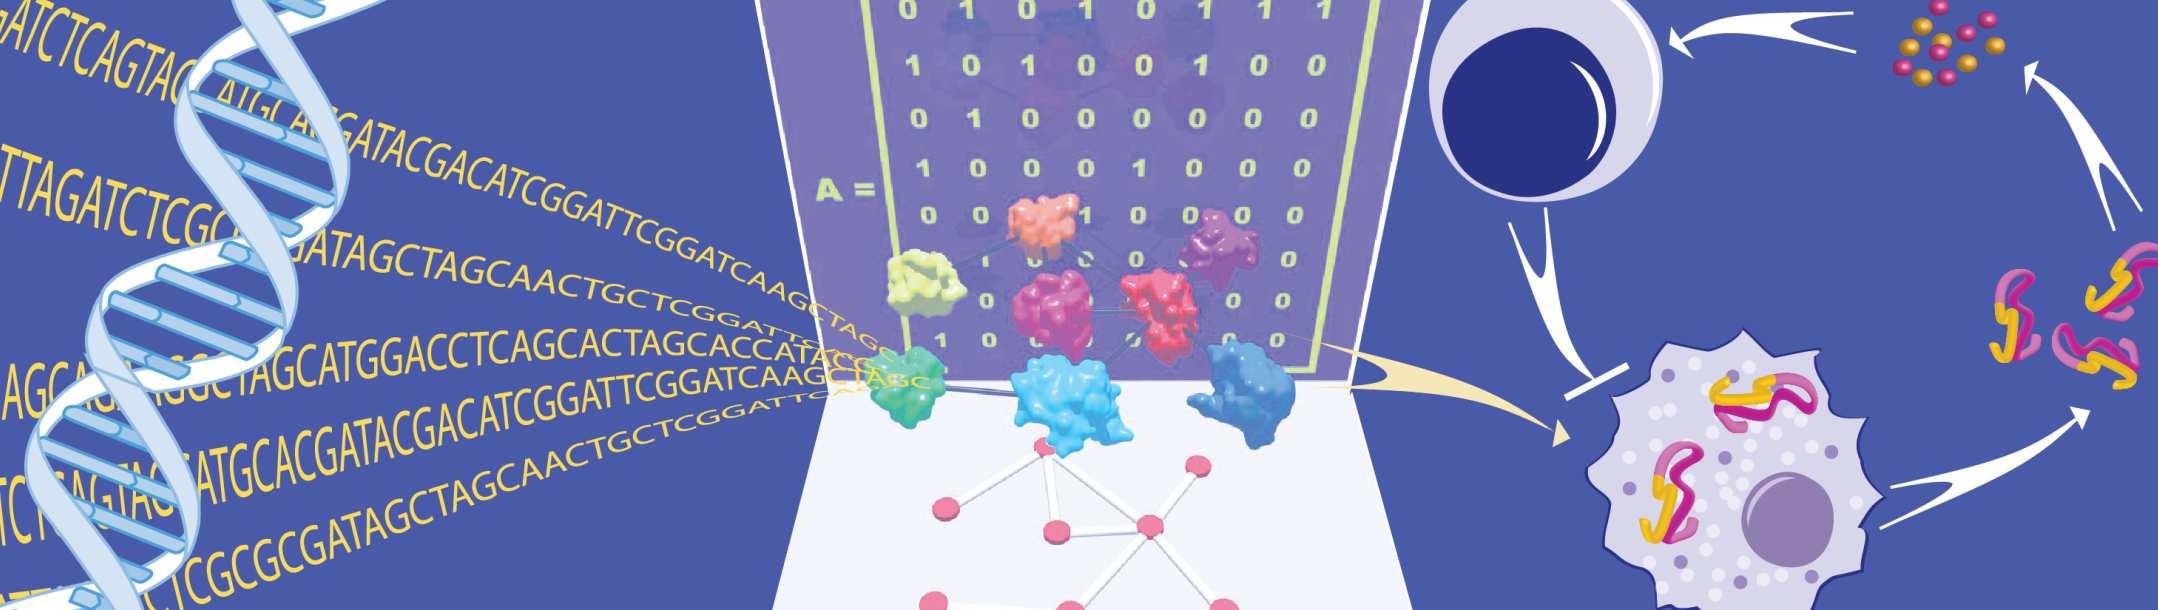 O impacto da bioinformática para a ciência